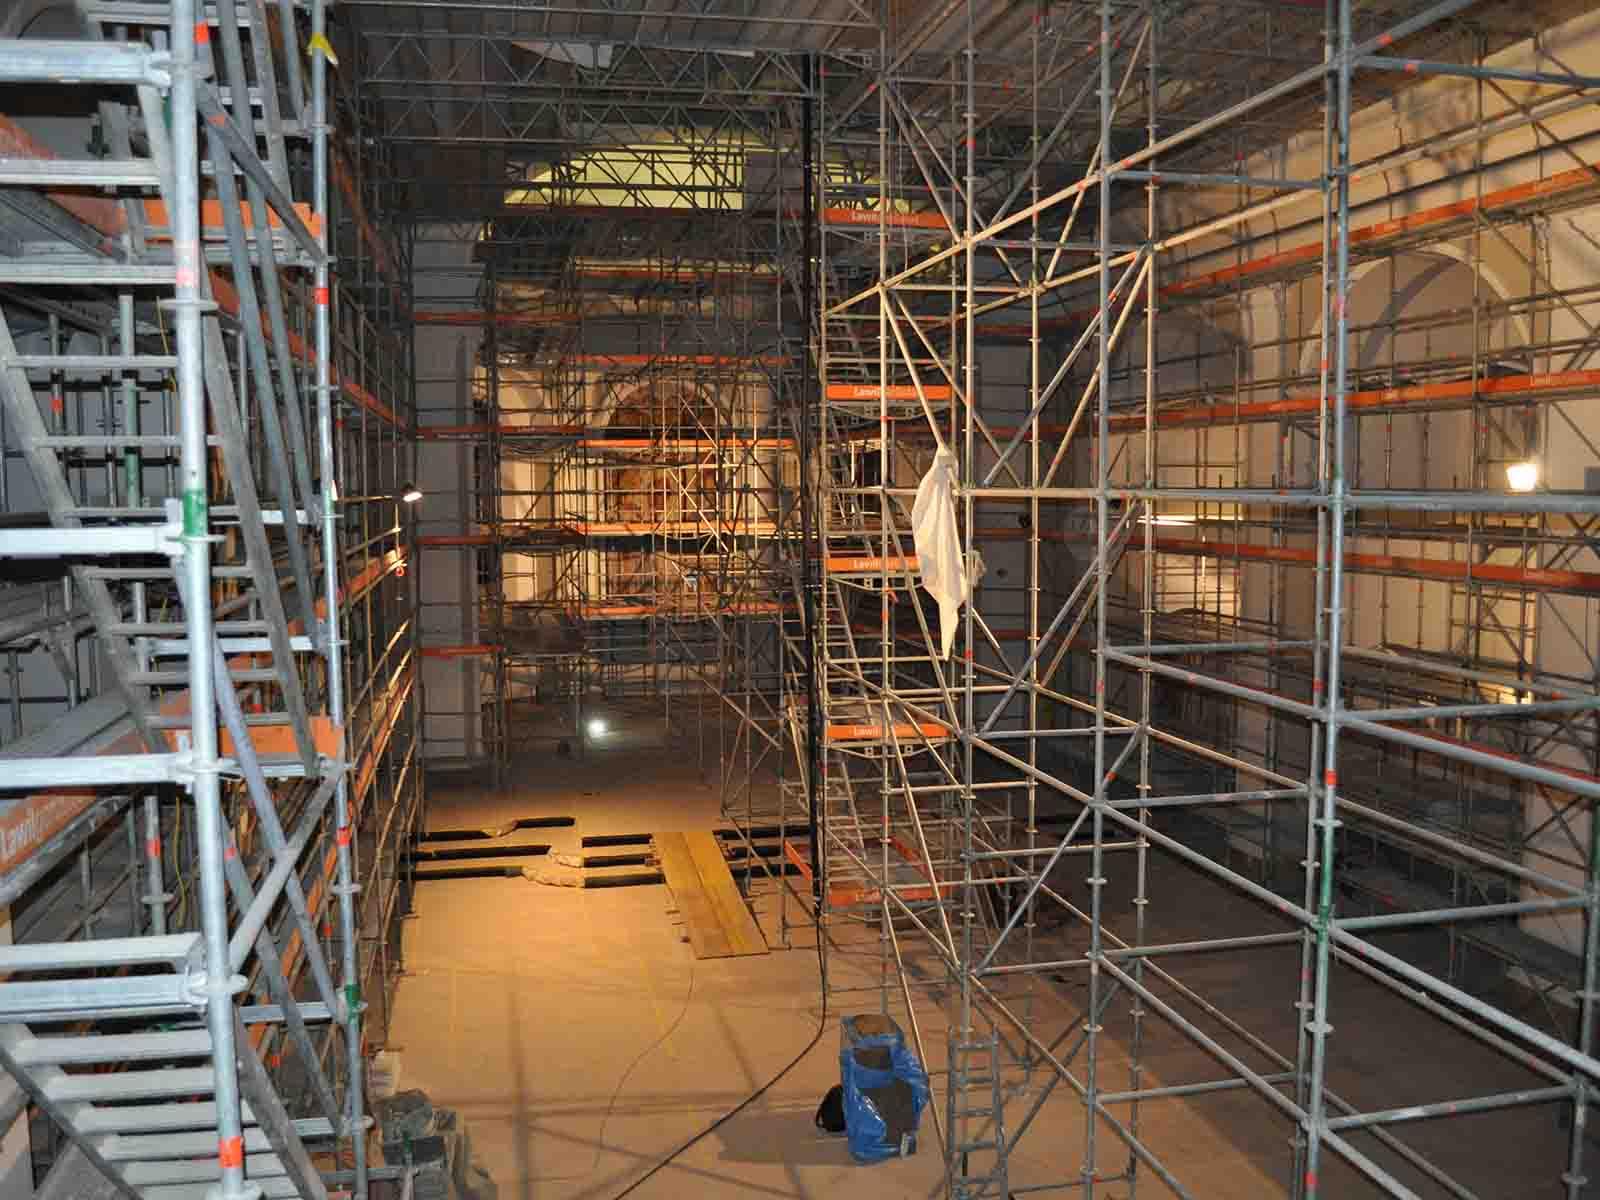 So sieht es derzeit noch im Innern der Kirche aus.